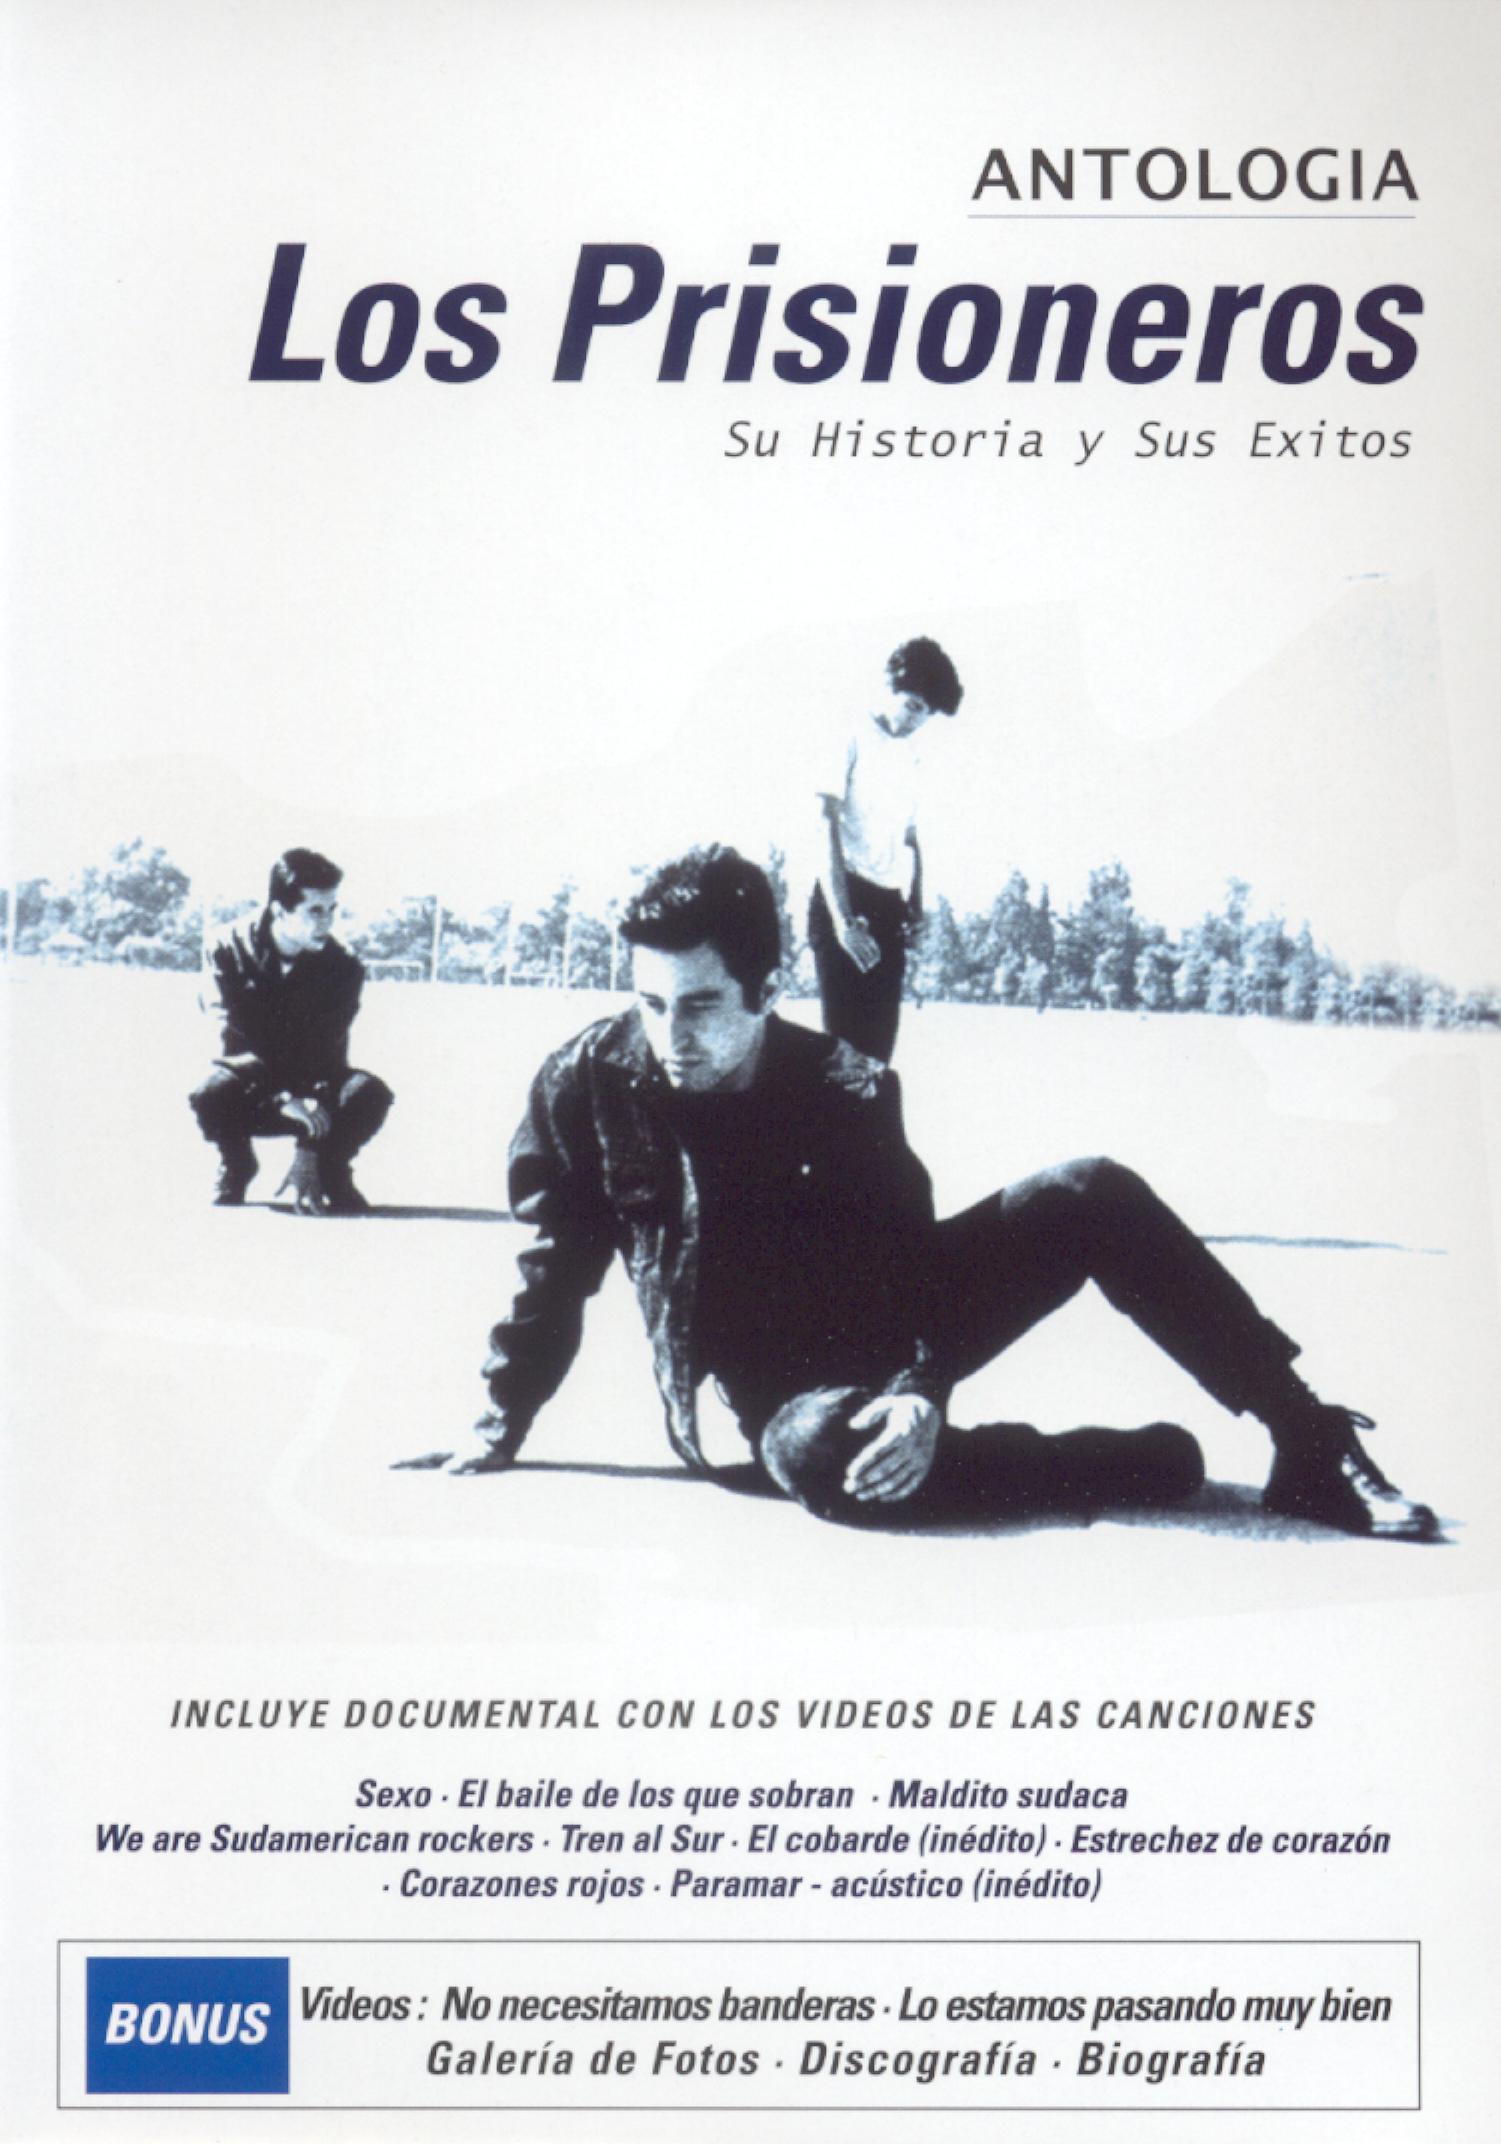 Los Prisioneros: Antologia - Su Historia Y Sus Exitos